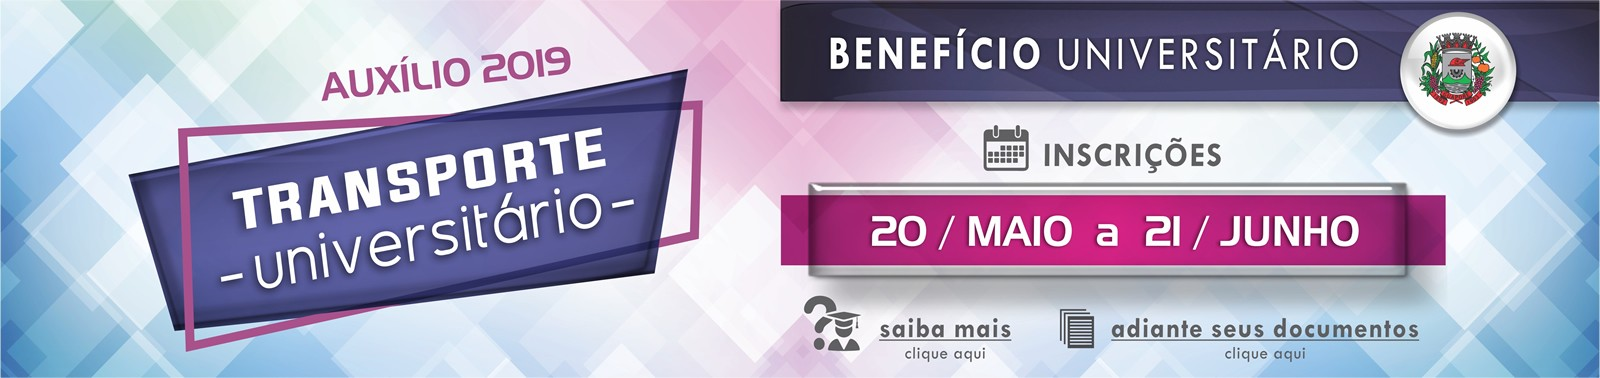 Banner 3 - Benefício Universitário